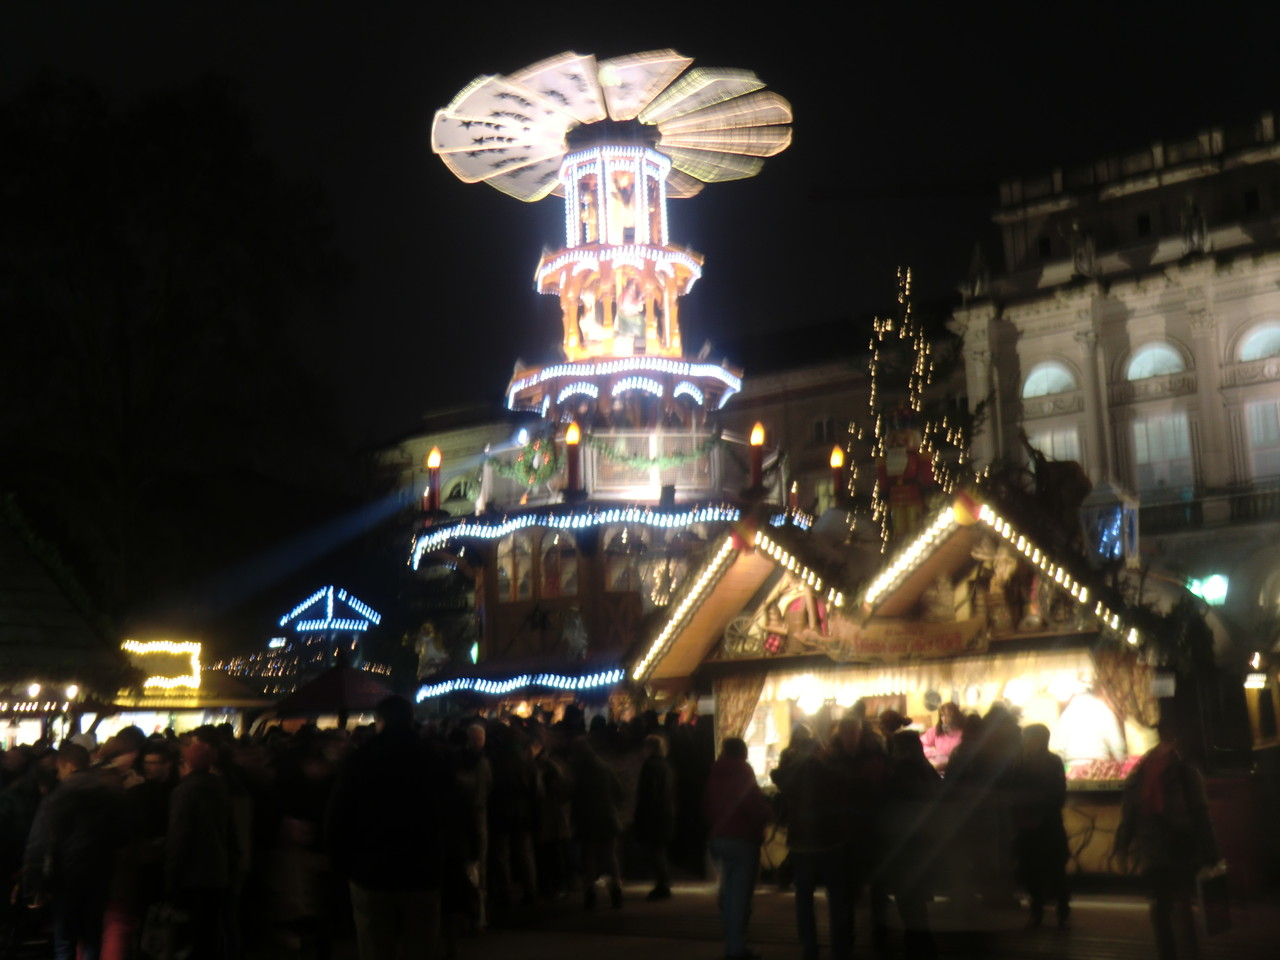 der Karlsruher Weihnachtsmarkt - am Abend hatt die Hütte gebrummt